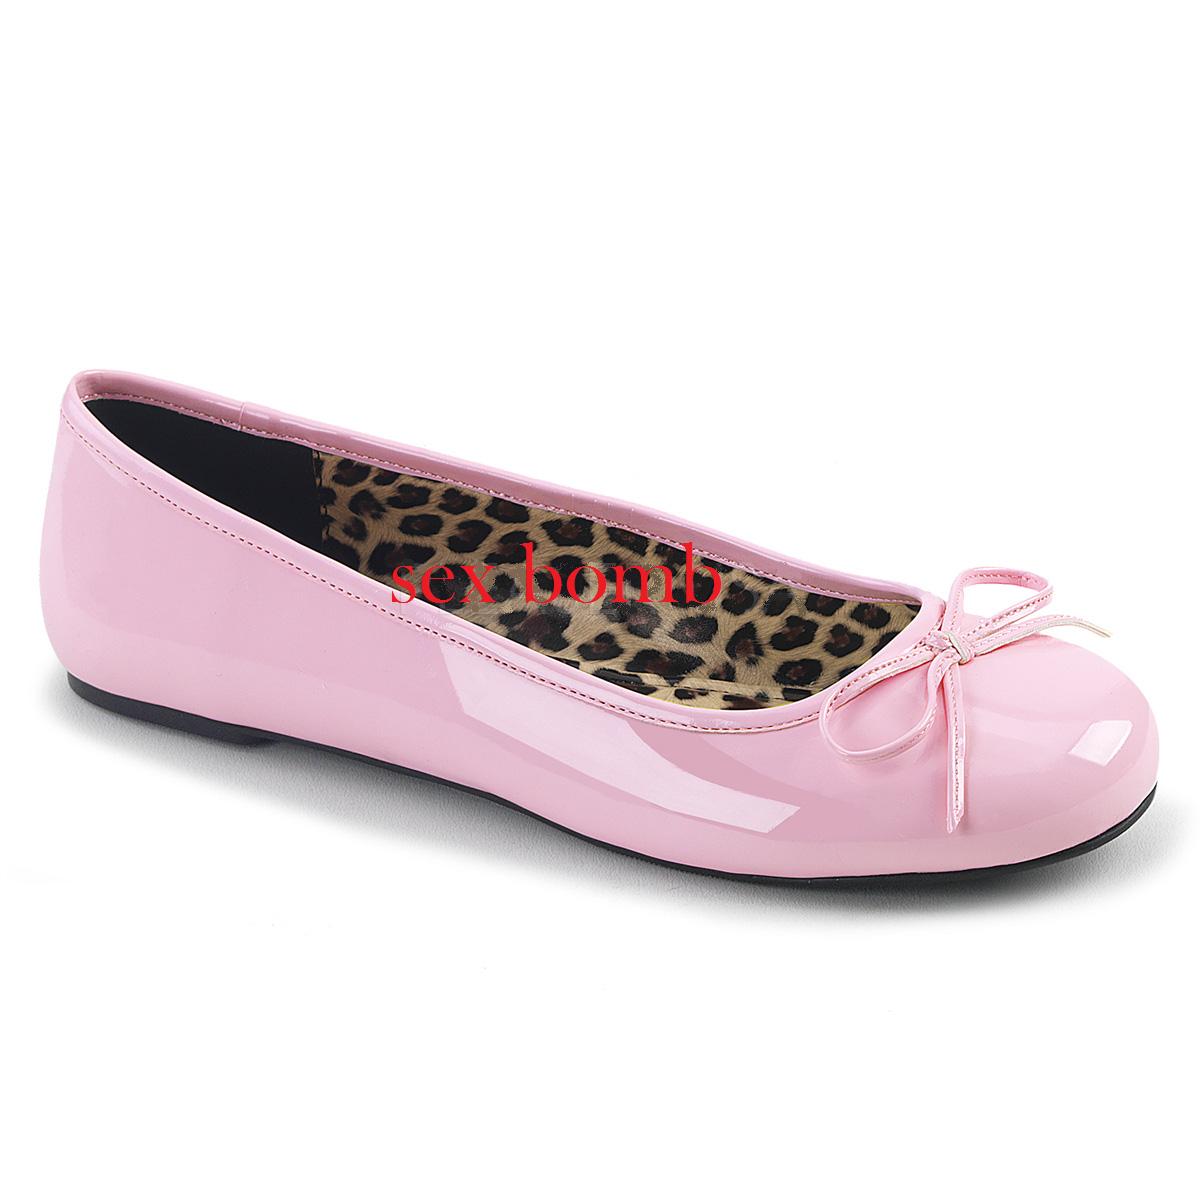 Sexy BALLERINE ROSA dal 39 al 46 ROSA BALLERINE BABY fiocchetto tacco flat scarpe GLAMOUR d5e62e